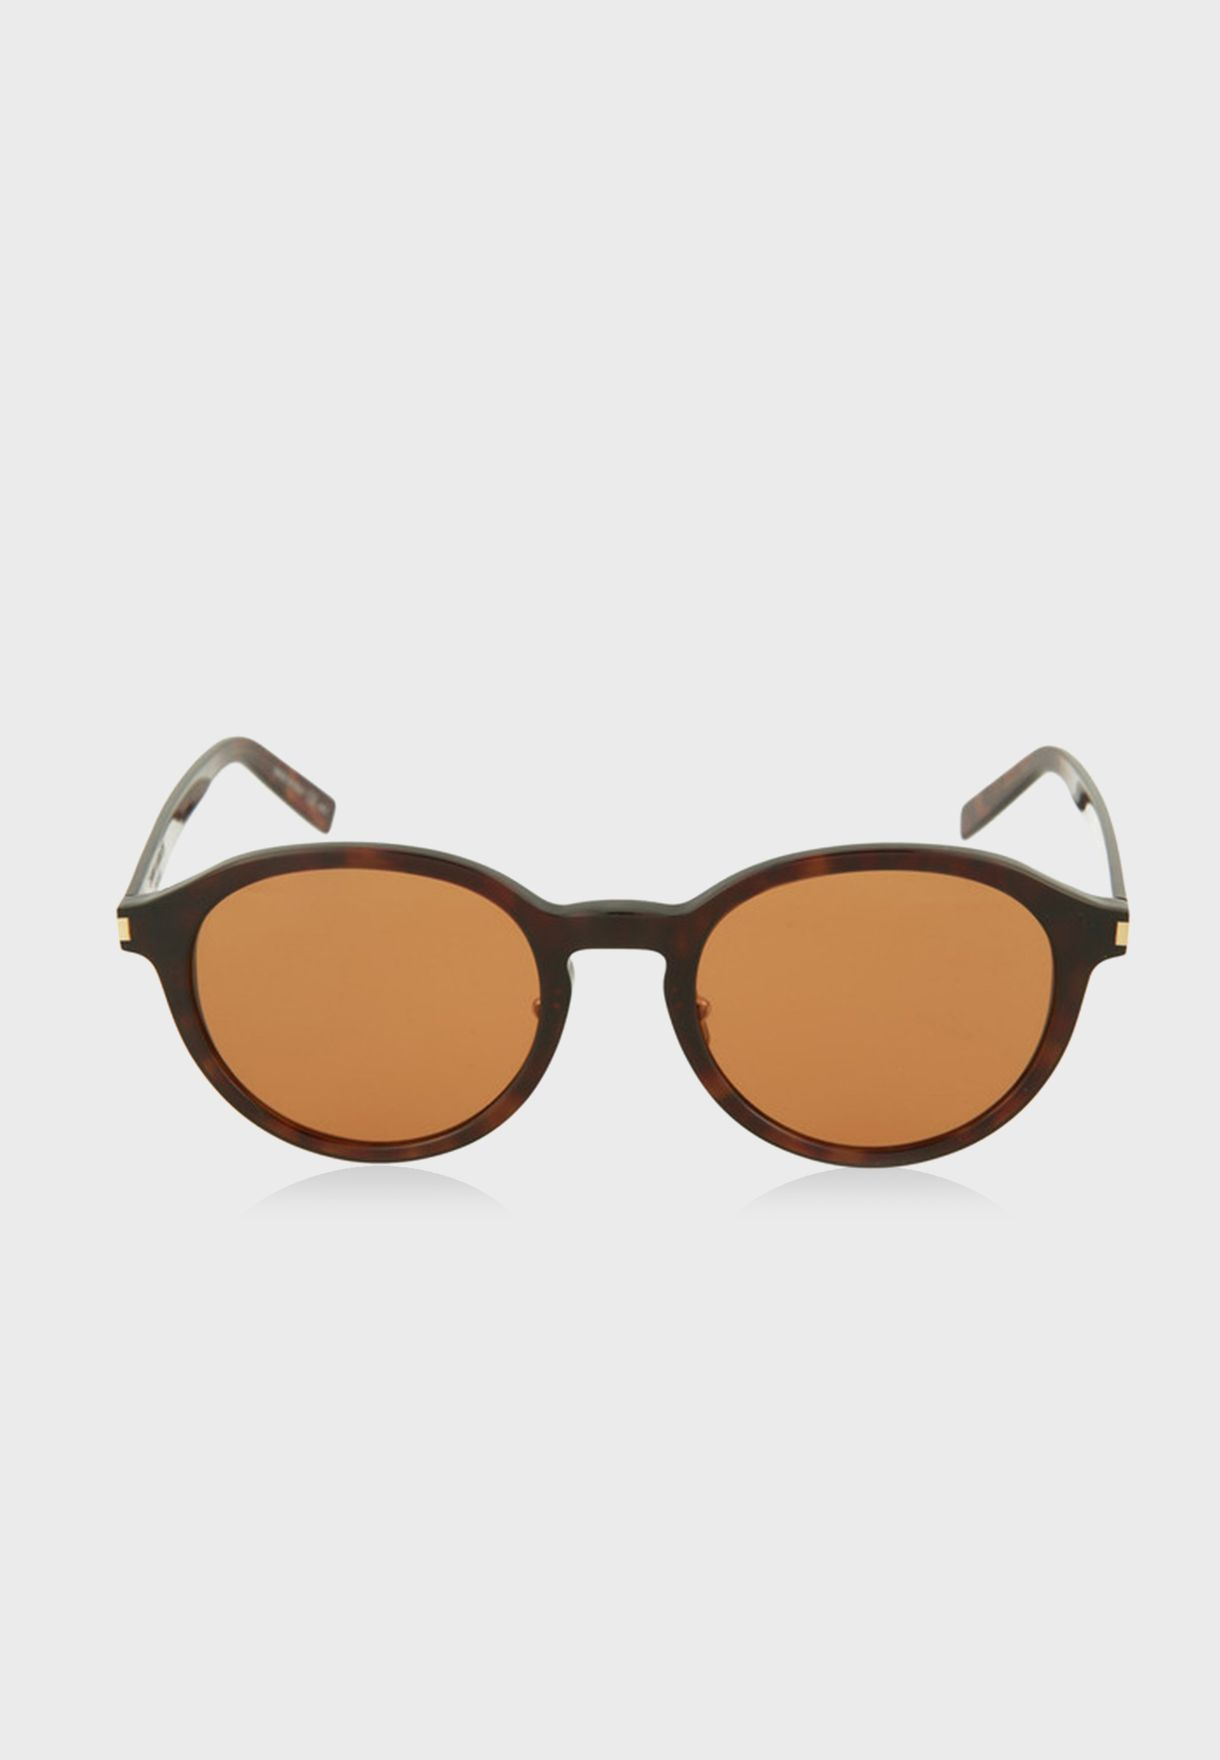 SL169FSL-30001191003 Round Sunglasses